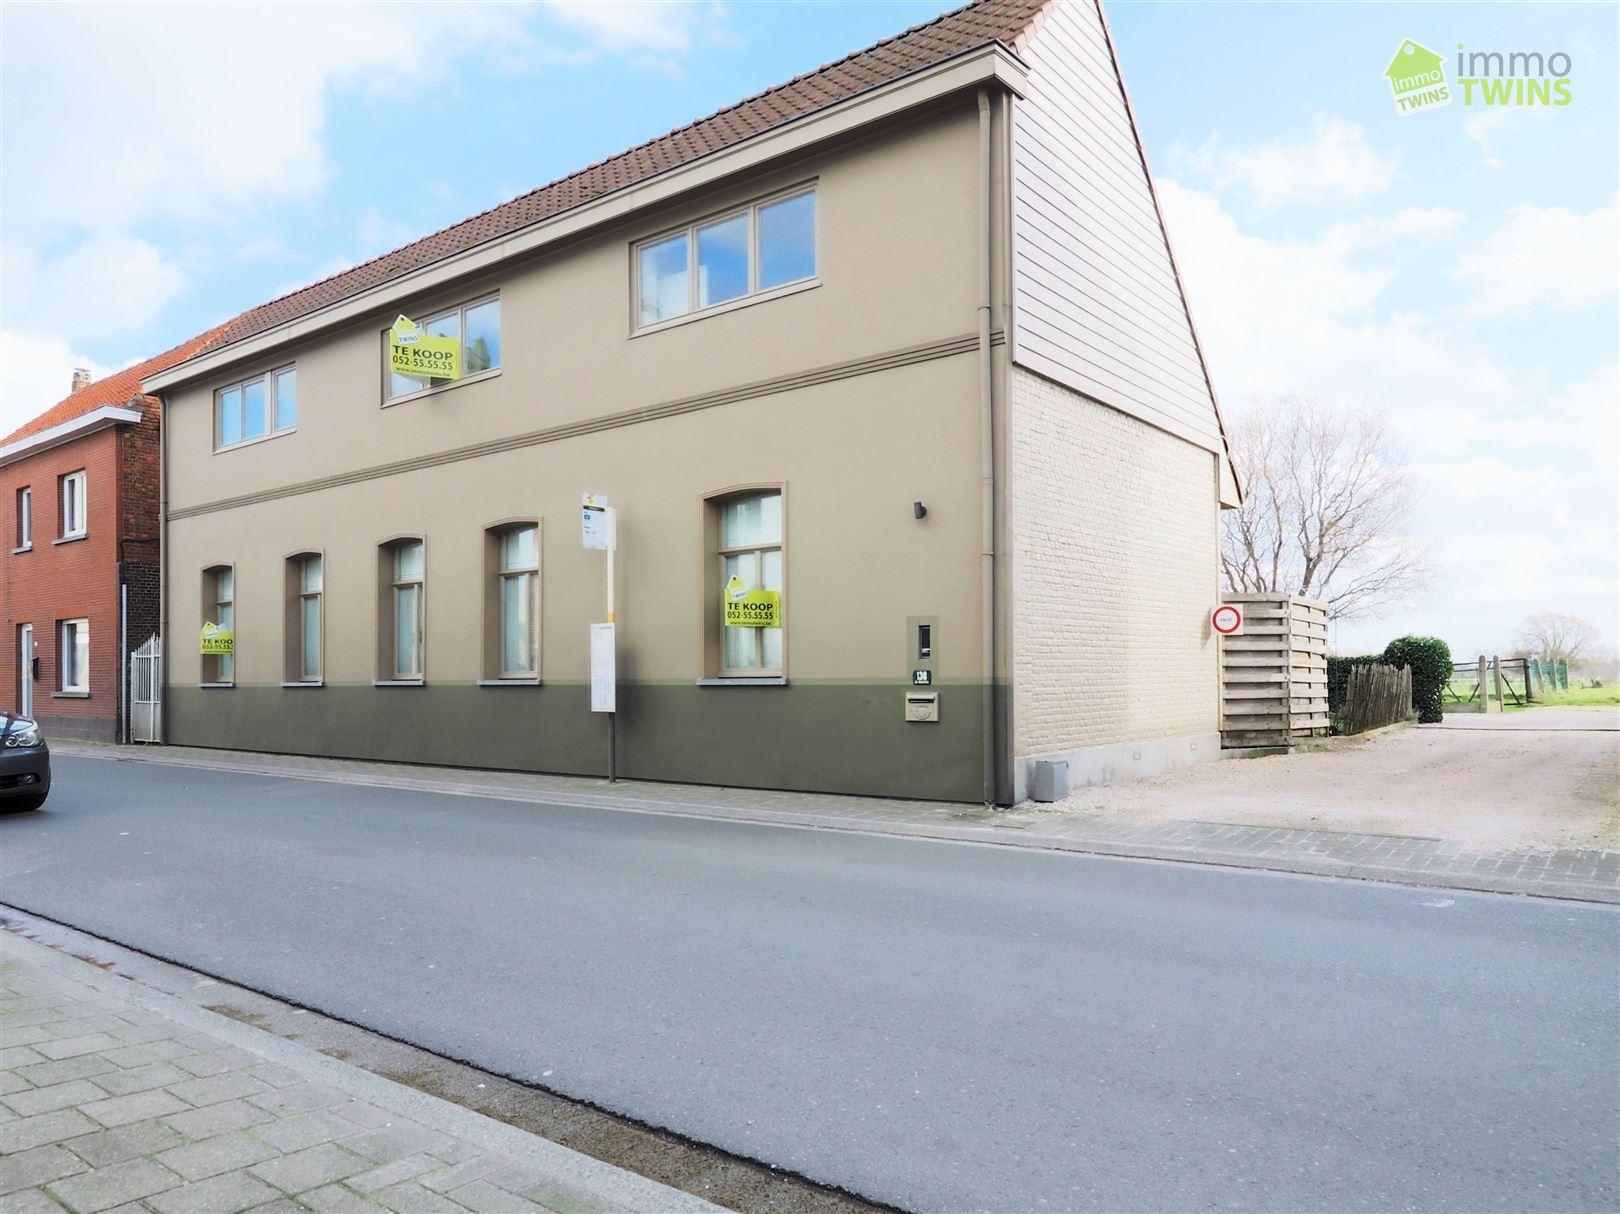 Foto 25 : Woning te 9240 ZELE (België) - Prijs € 420.000